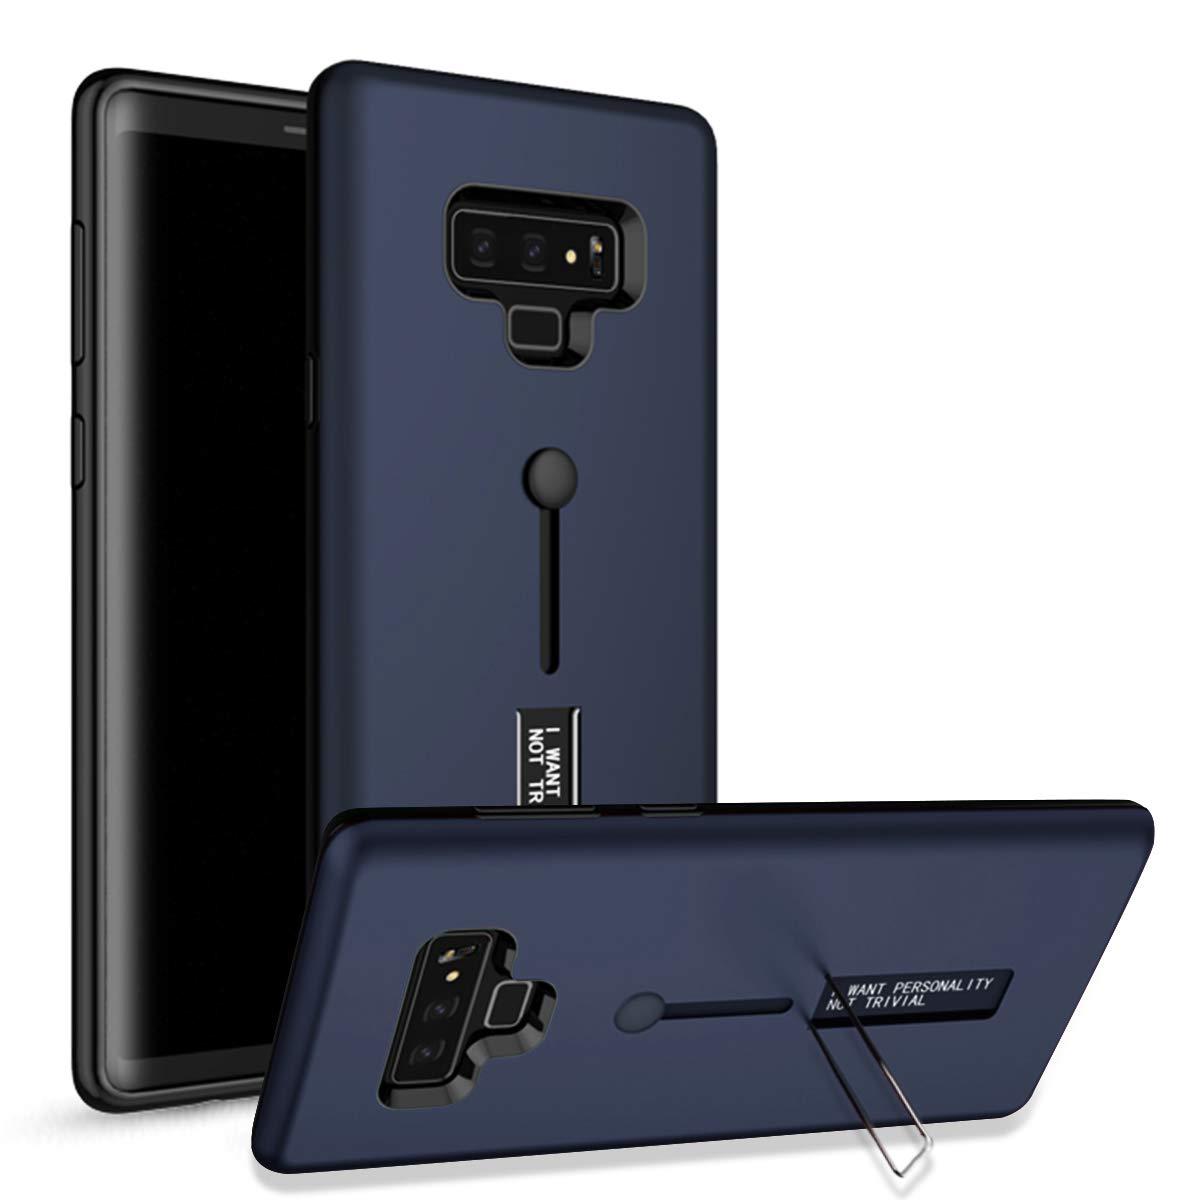 WIWJ Samsung Galaxy Note 9 H/ülle Case PC Backcover+TPU Silikon Mit Halterung und Ring Funktion Handy Schutzh/ülle Schutz Cover Schale Handyh/ülle f/ür Samsung Galaxy Note 9-Schwarz